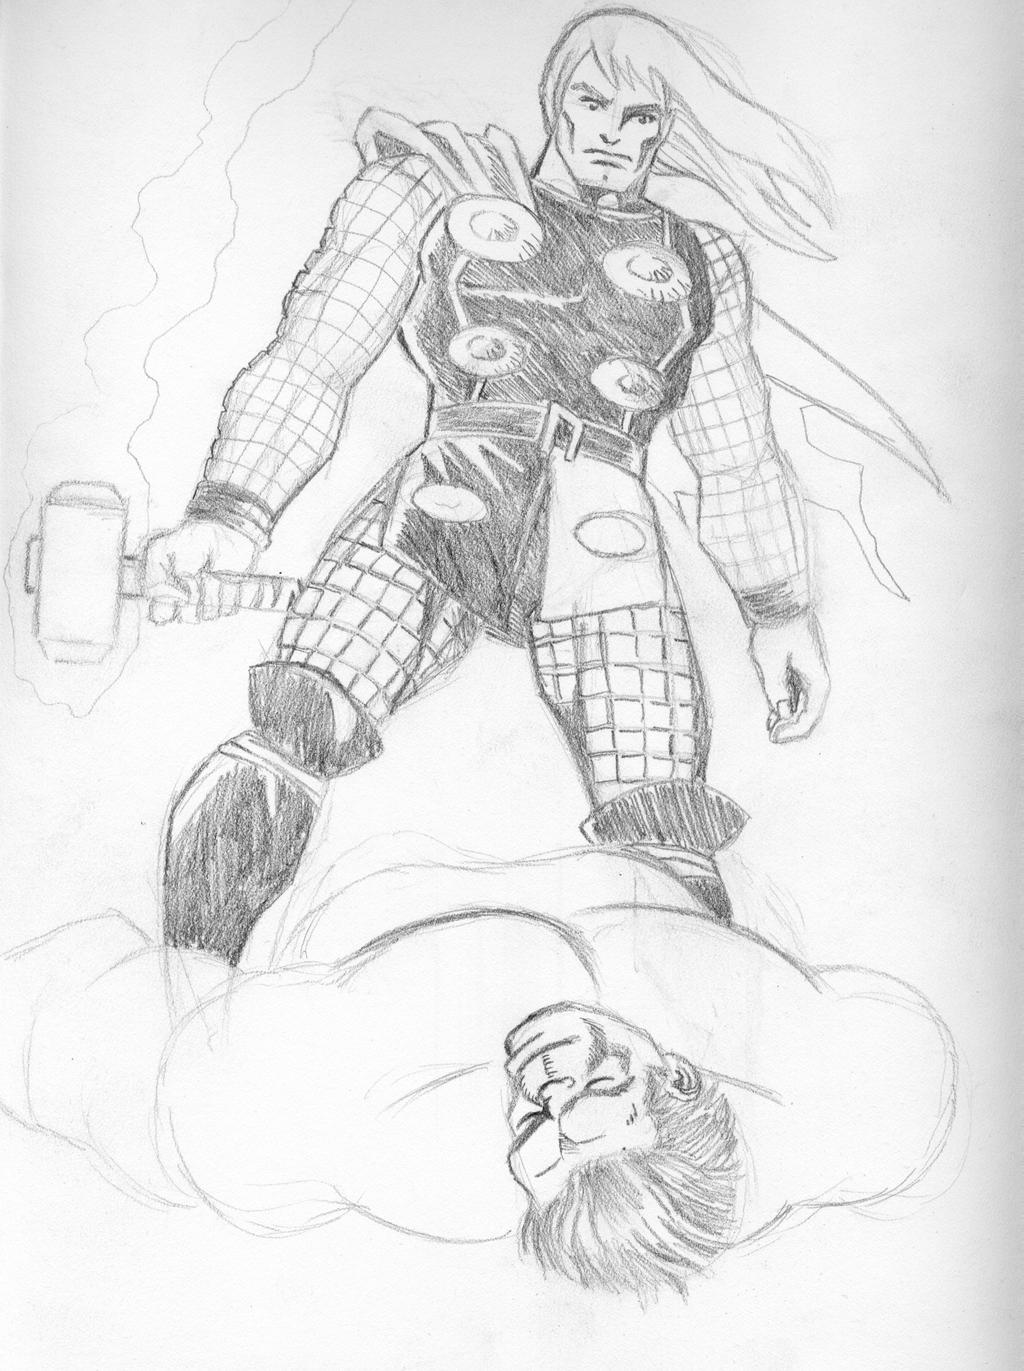 Thor Vs Hulk Sketch By Ragnaroker On DeviantArt